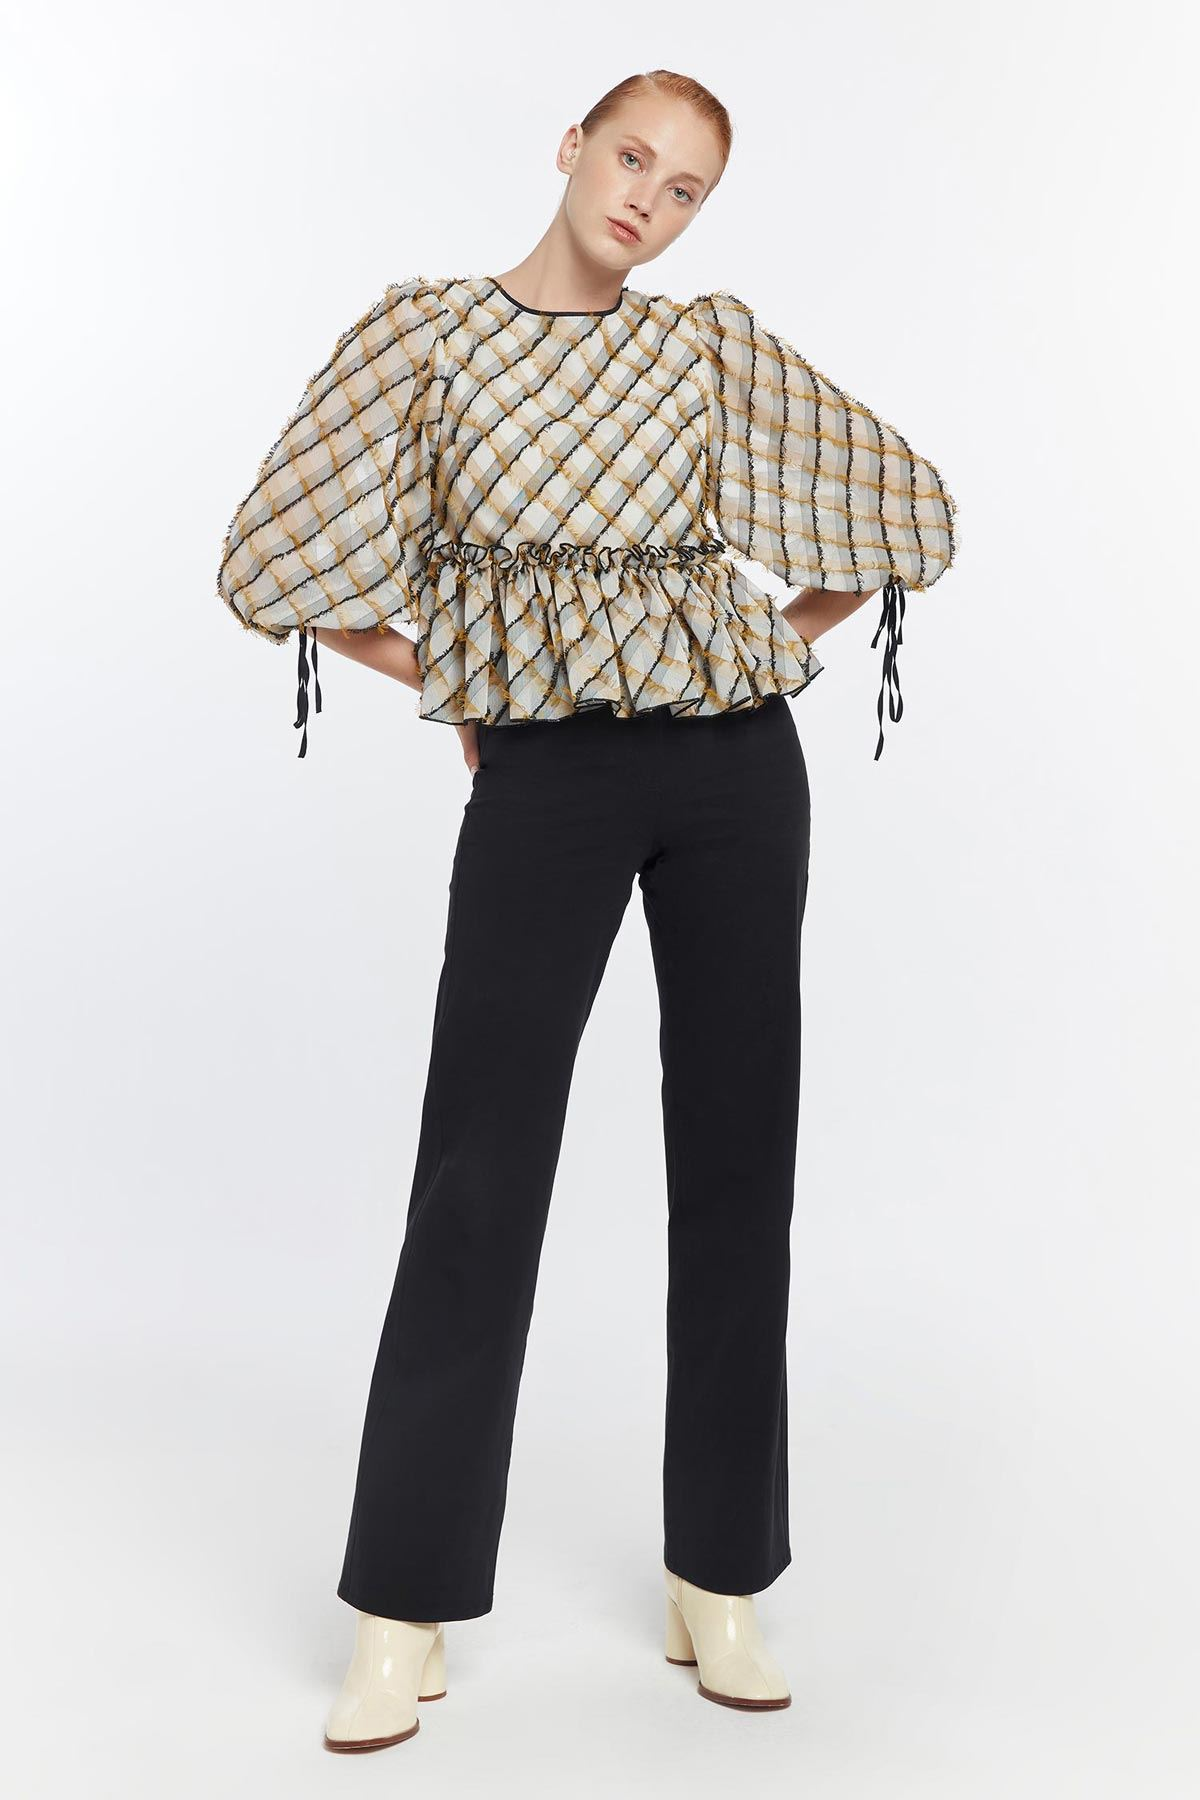 Balon kol fırfır şeritli bluz Safran